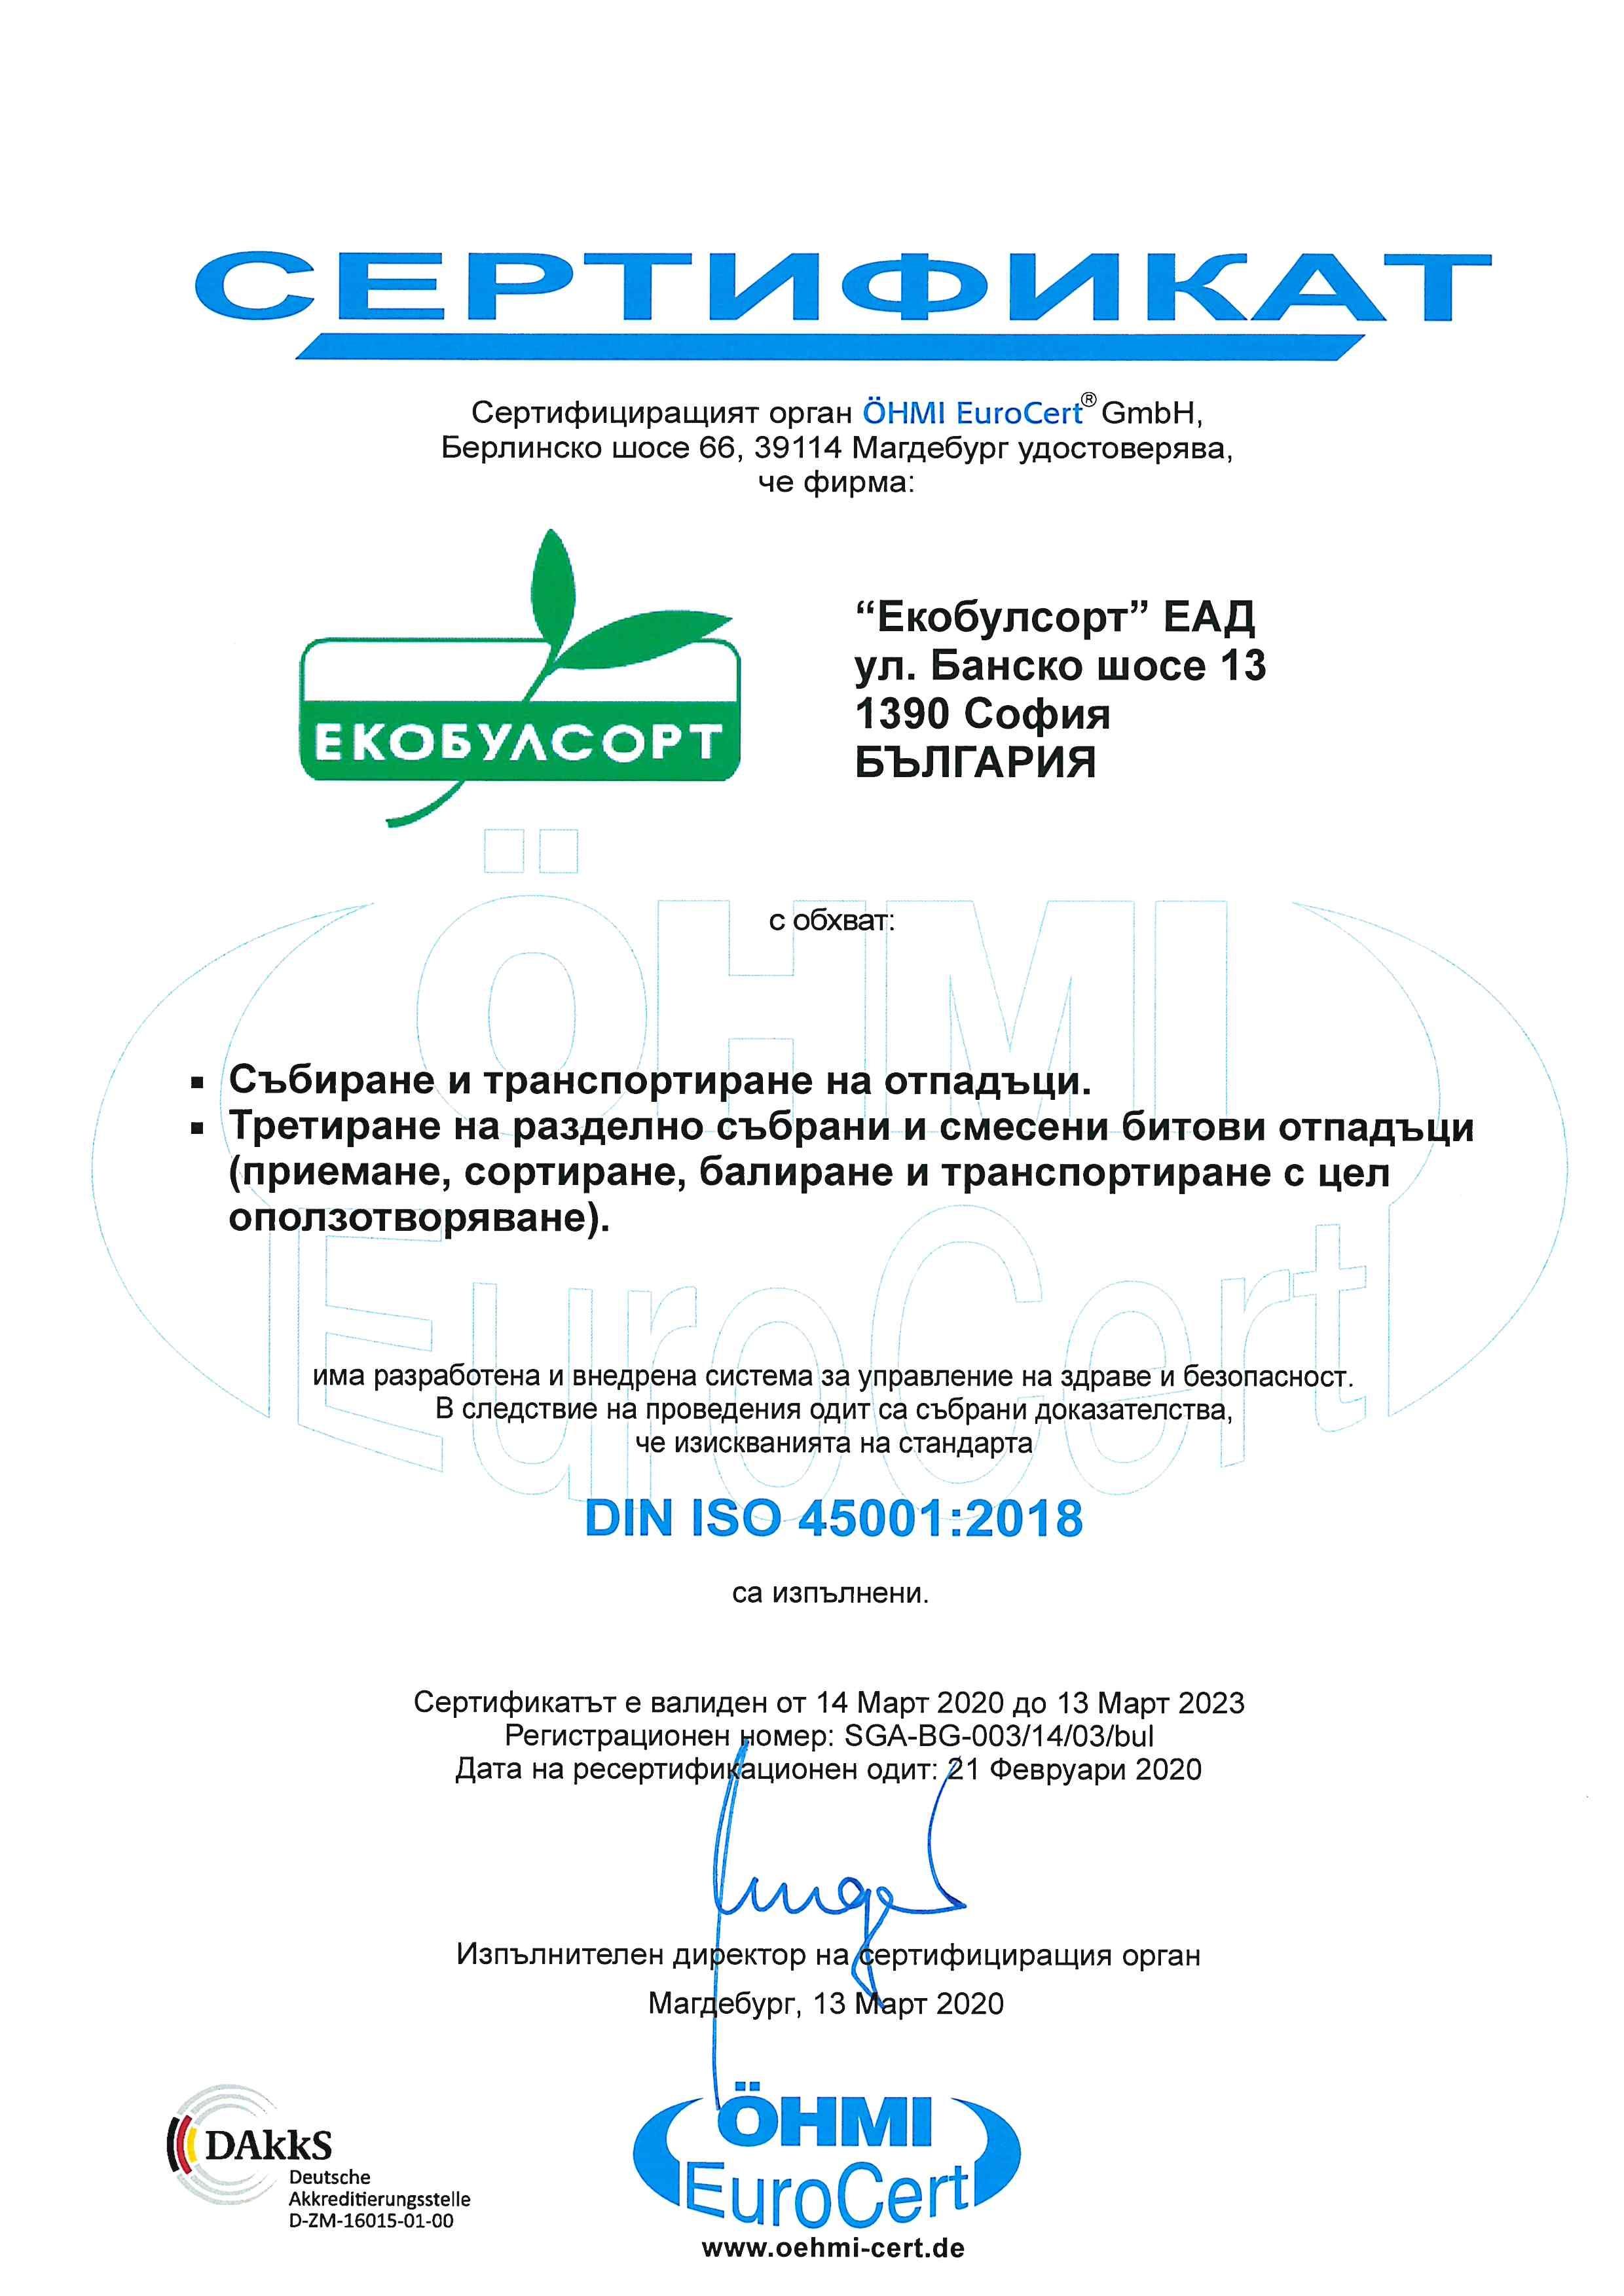 Ecobulsort_SGA_003-14_03_bul1